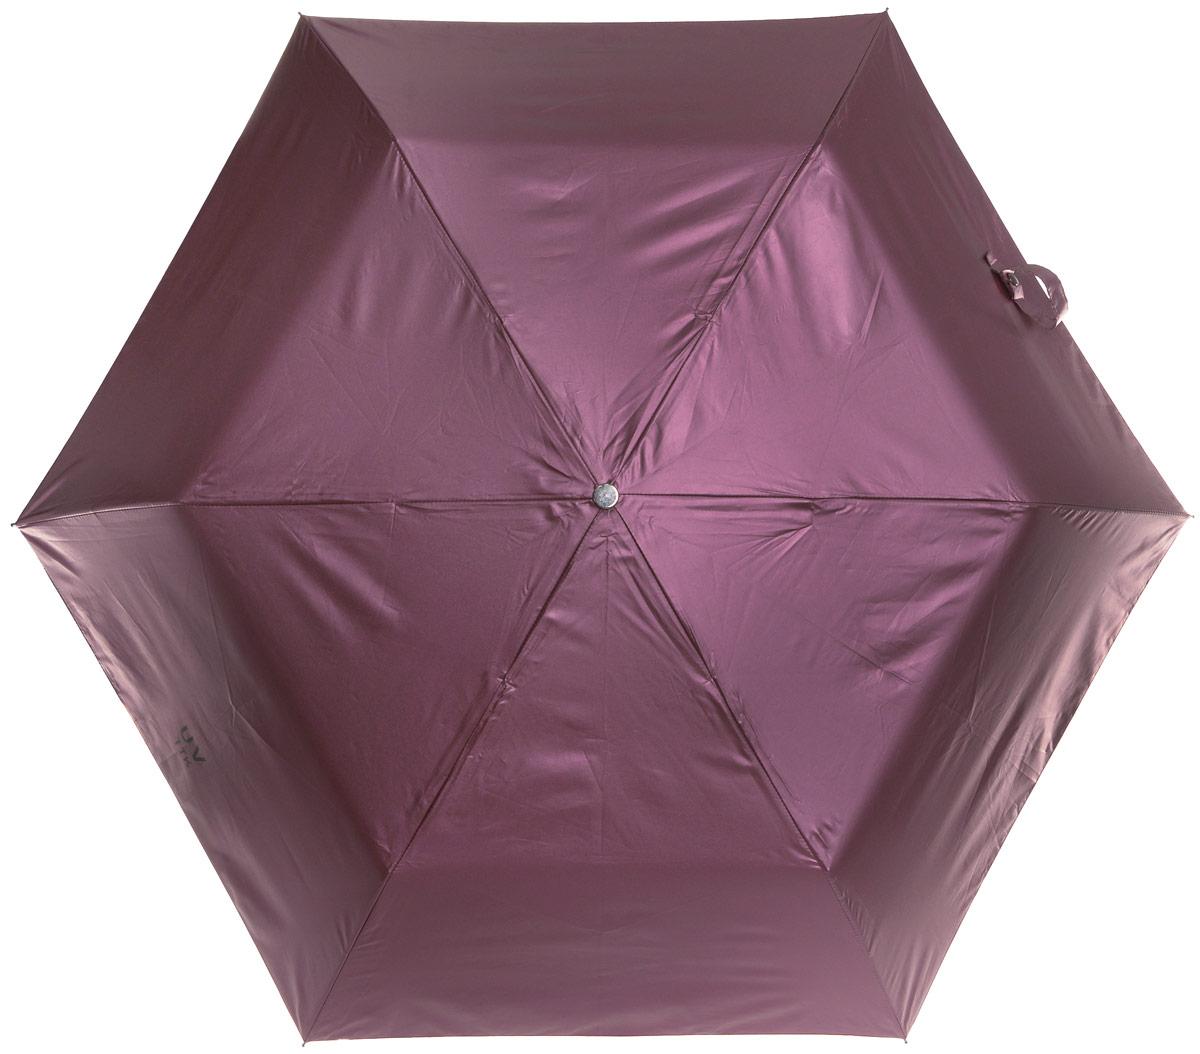 Зонт женский Эврика Звездное небо, механика, 3 сложения, цвет: розовато-лиловый, черный. 9677896778Оригинальный зонт Эврика не оставит вас незамеченной. С внешней стороны купол оформлен с металлическим оттенком, а с внутренней - в виде черного неба с созвездиями. Стержень изделия изготовлен из металла. Купол выполнен из качественного нейлона, который не пропускает воду. Зонт состоит из шести спиц, изготовленных из металла с элементами из пластика и пластиковой ручки. Зонт имеет механический способ сложения: и купол, и стержень открываются вручную до характерного щелчка. Ручка дополнена петлей, благодаря которой зонт можно носить на запястье. К зонту прилагается чехол. Благодаря своему небольшому размеру, зонт легко пометится в сумку. Раскрыв зонт можно увидеть внутри ночное небо с созвездиями. Зонт-планетарий станет отличным подарком и надежной защитой от непогоды.